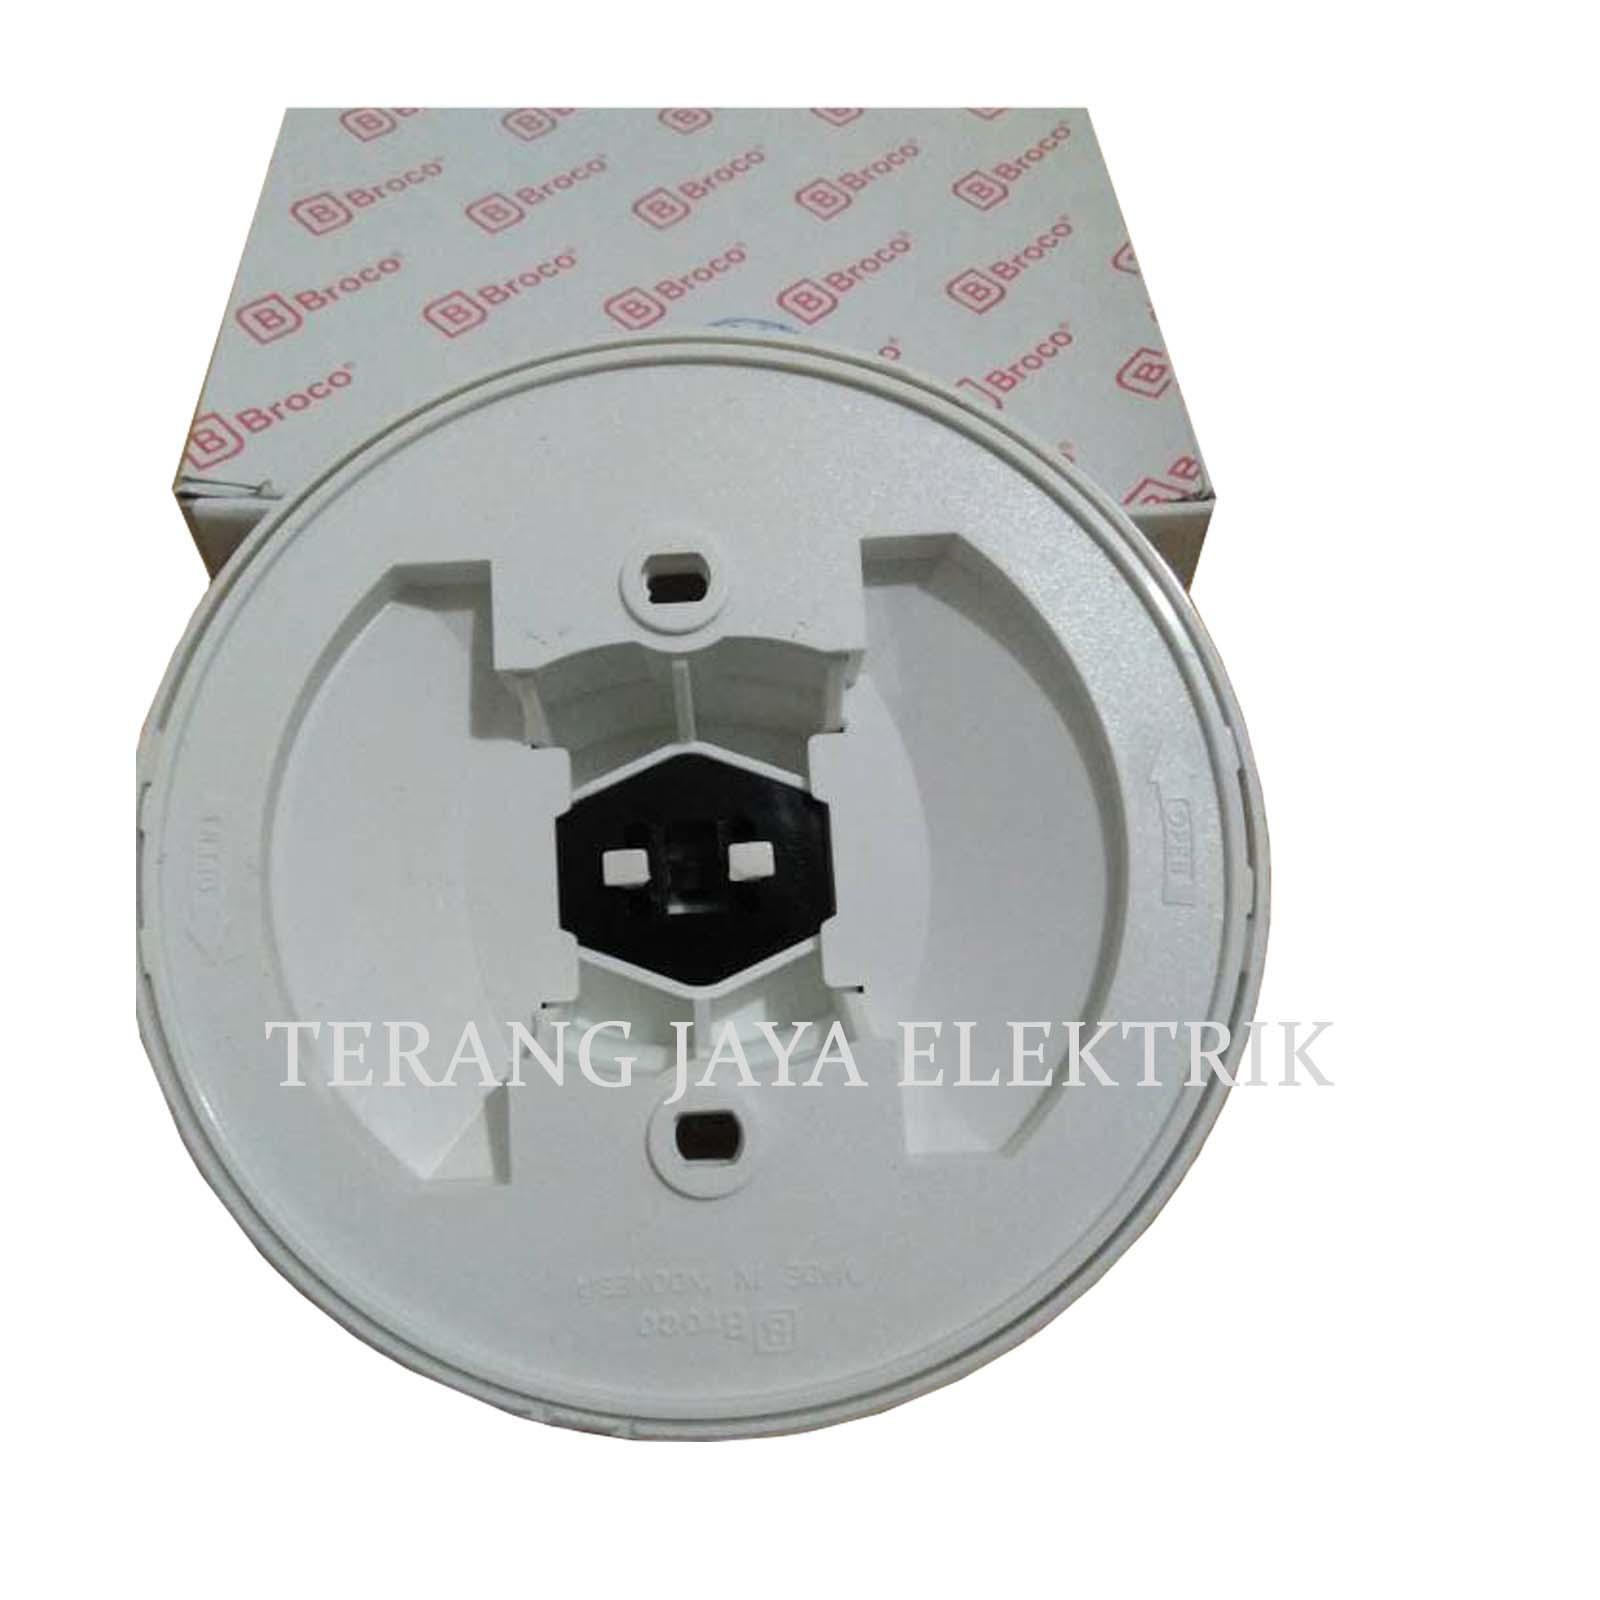 Fitur Fitting Fiting Rumah Lampu Plafon Minimalis Broco 12101 Dan Wiring 3